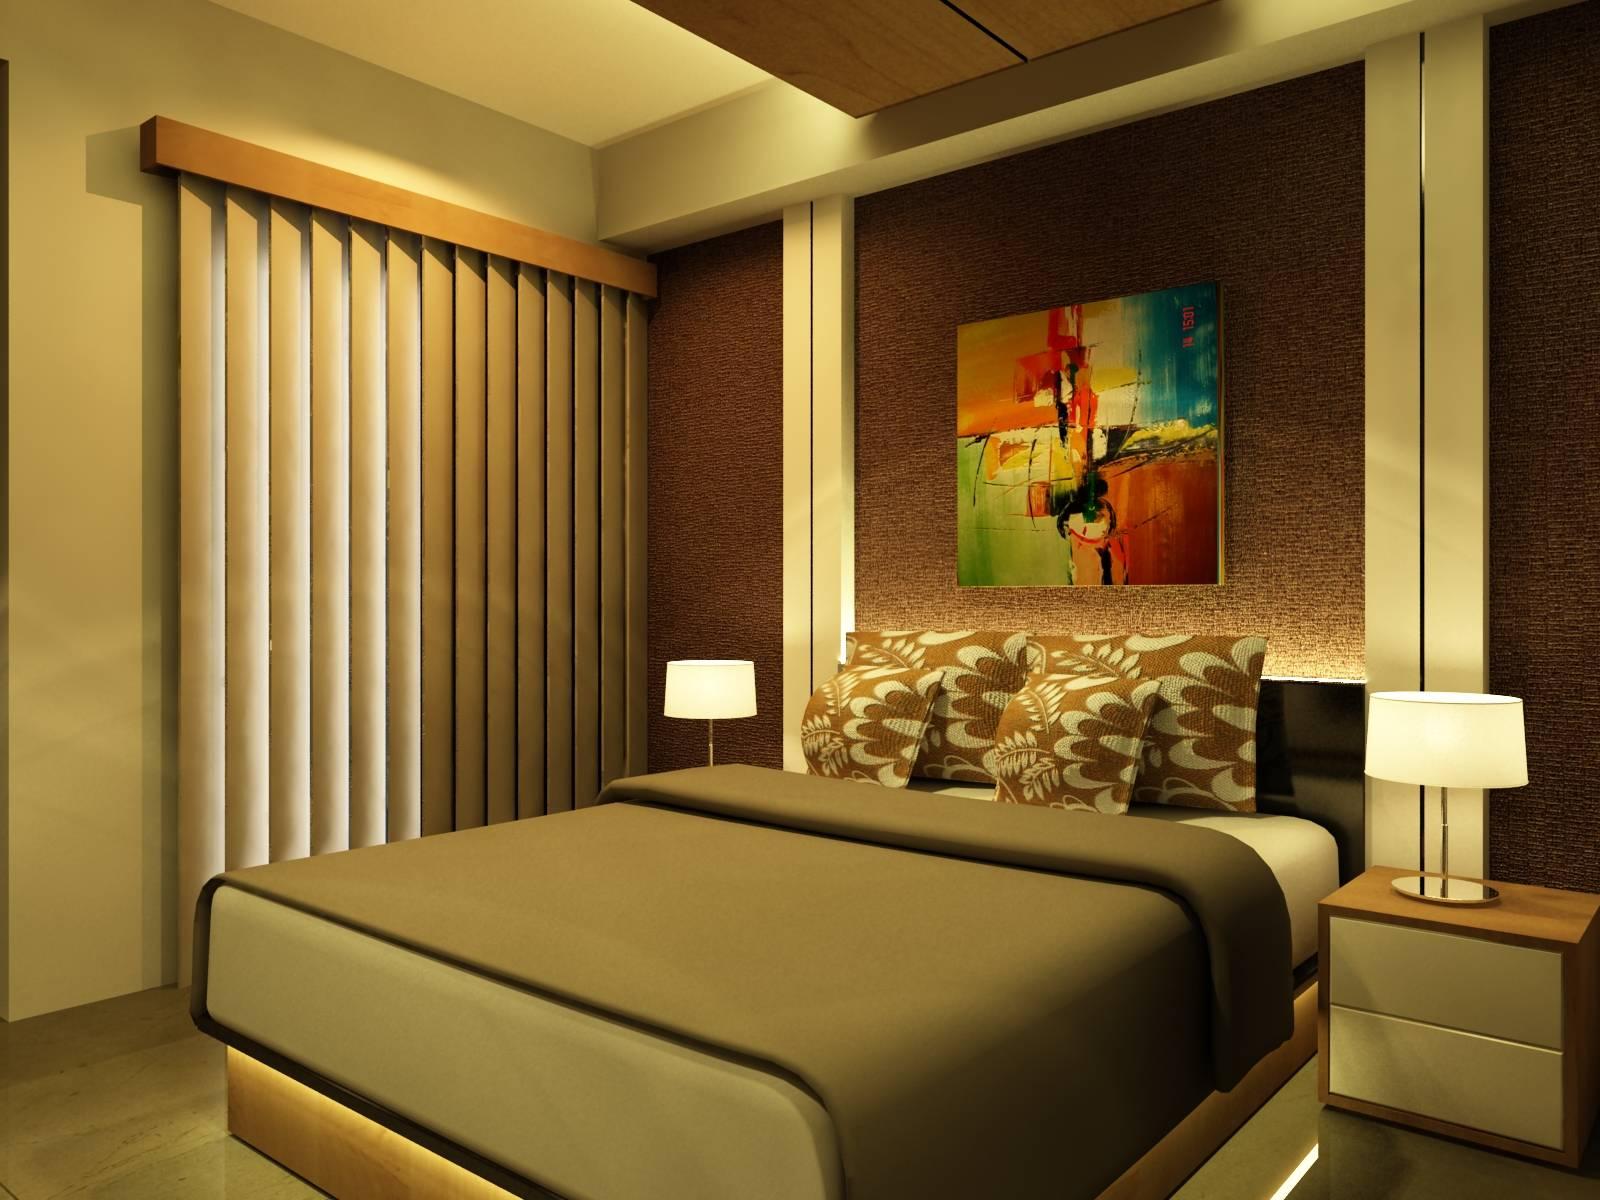 Pt Ergonomi Cipta Karya Atria Apartemen Gading Serpong, Tangerang Gading Serpong, Tangerang Bedroom Kontemporer  7003